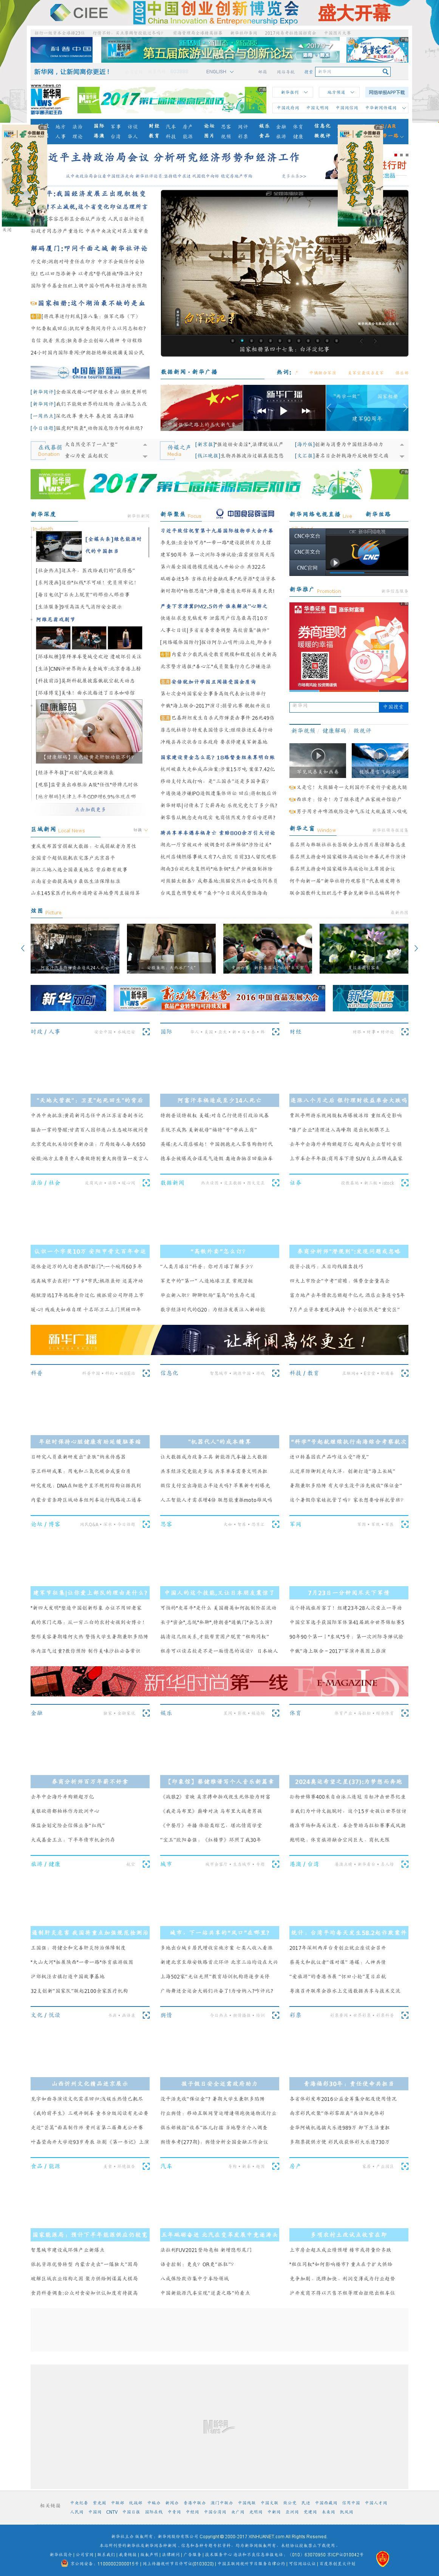 Xinhua at Monday July 24, 2017, 7:31 p.m. UTC